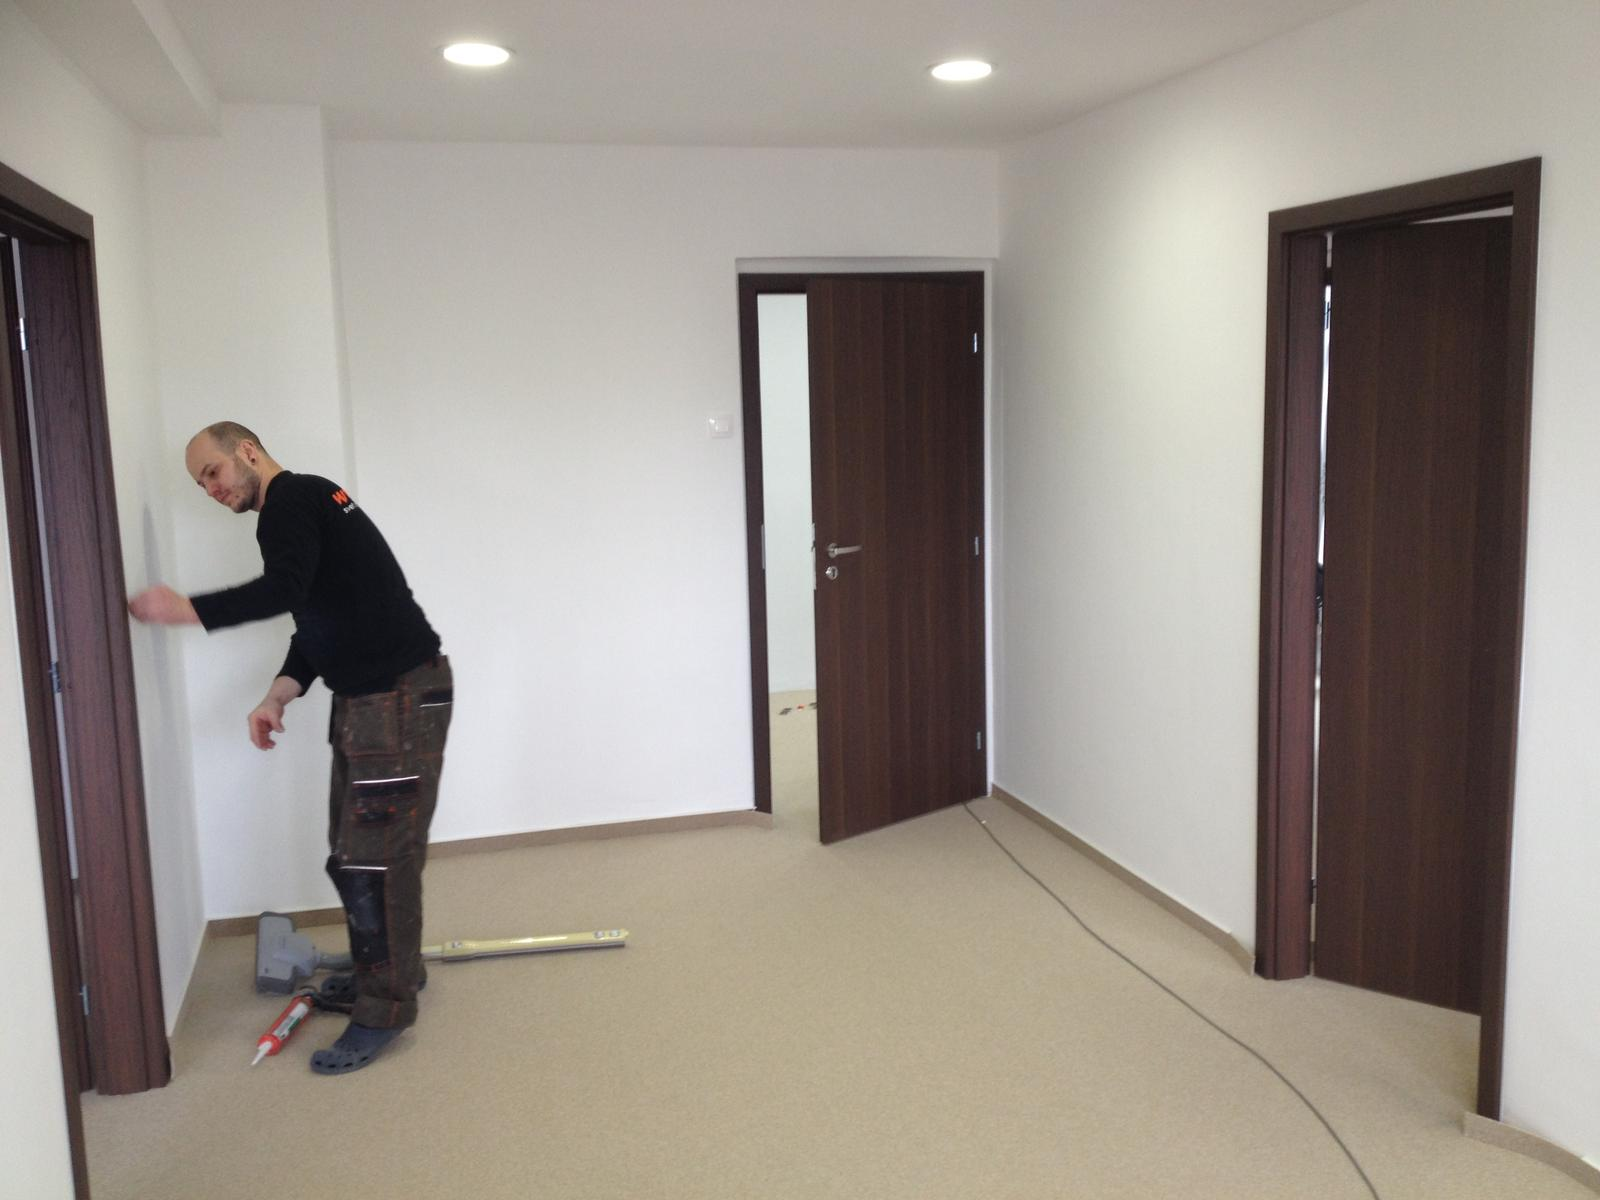 2v1 - Osadenie zárubní a dverí do vopred pripravených stavebných otvorov